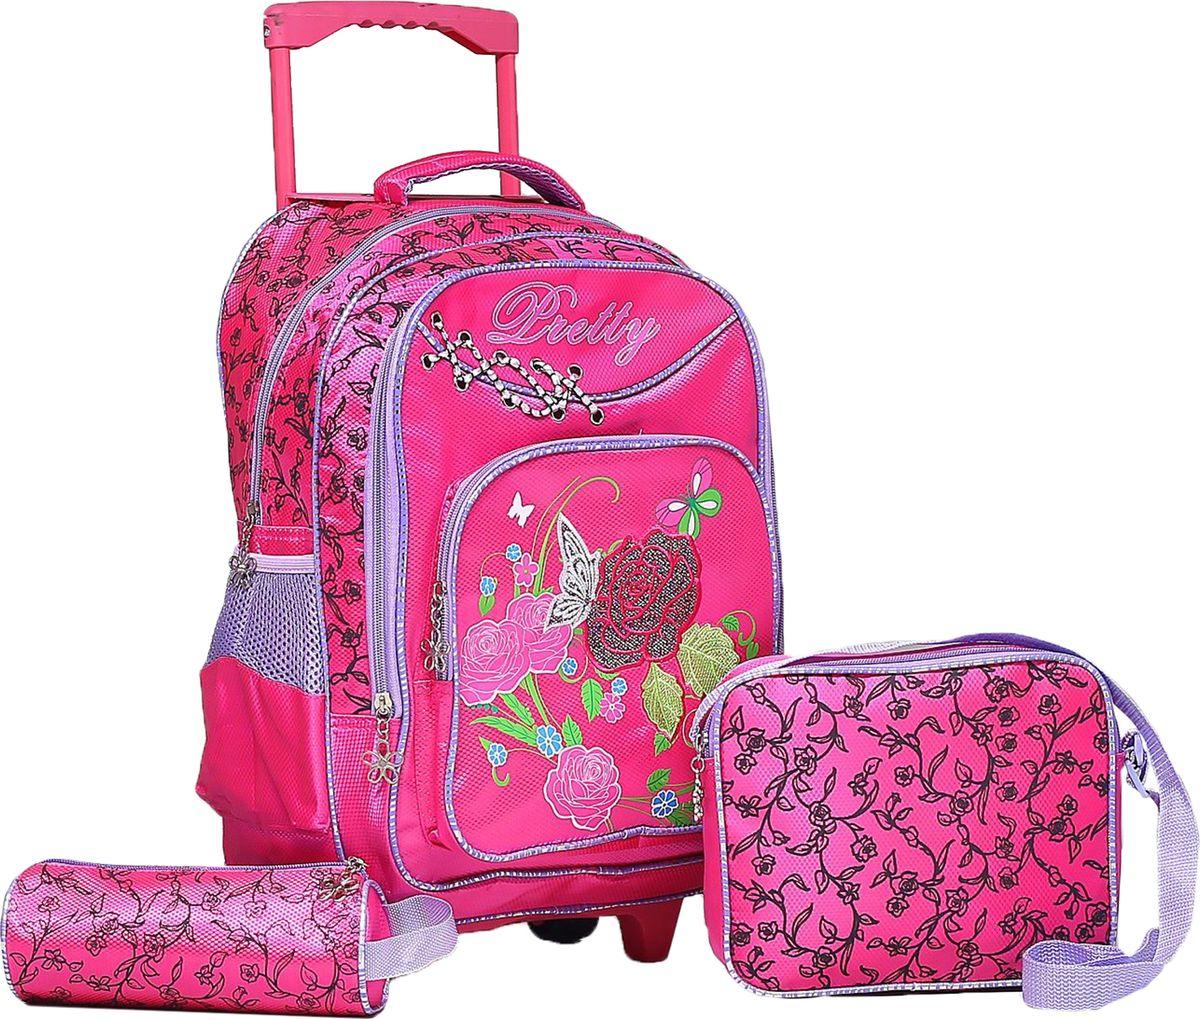 Страна Карнавалия Рюкзак Цветок цвет розовый7699Маленькие, казалось бы, незначительные элементы зачастую завершают, дополняют образ, подчёркивают статус, стиль и вкус своего обладателя. Рюкзак-чемодан школьный Цветок, на колёсах, 1 отдел, 2 наружных кармана, 2 боковых кармана-сетки, сумка на молнии, косметичка, цвет малиновый — одна из подобных деталей. Это вещь достойного качества, которая может стать прекрасным подарком по любому поводу.